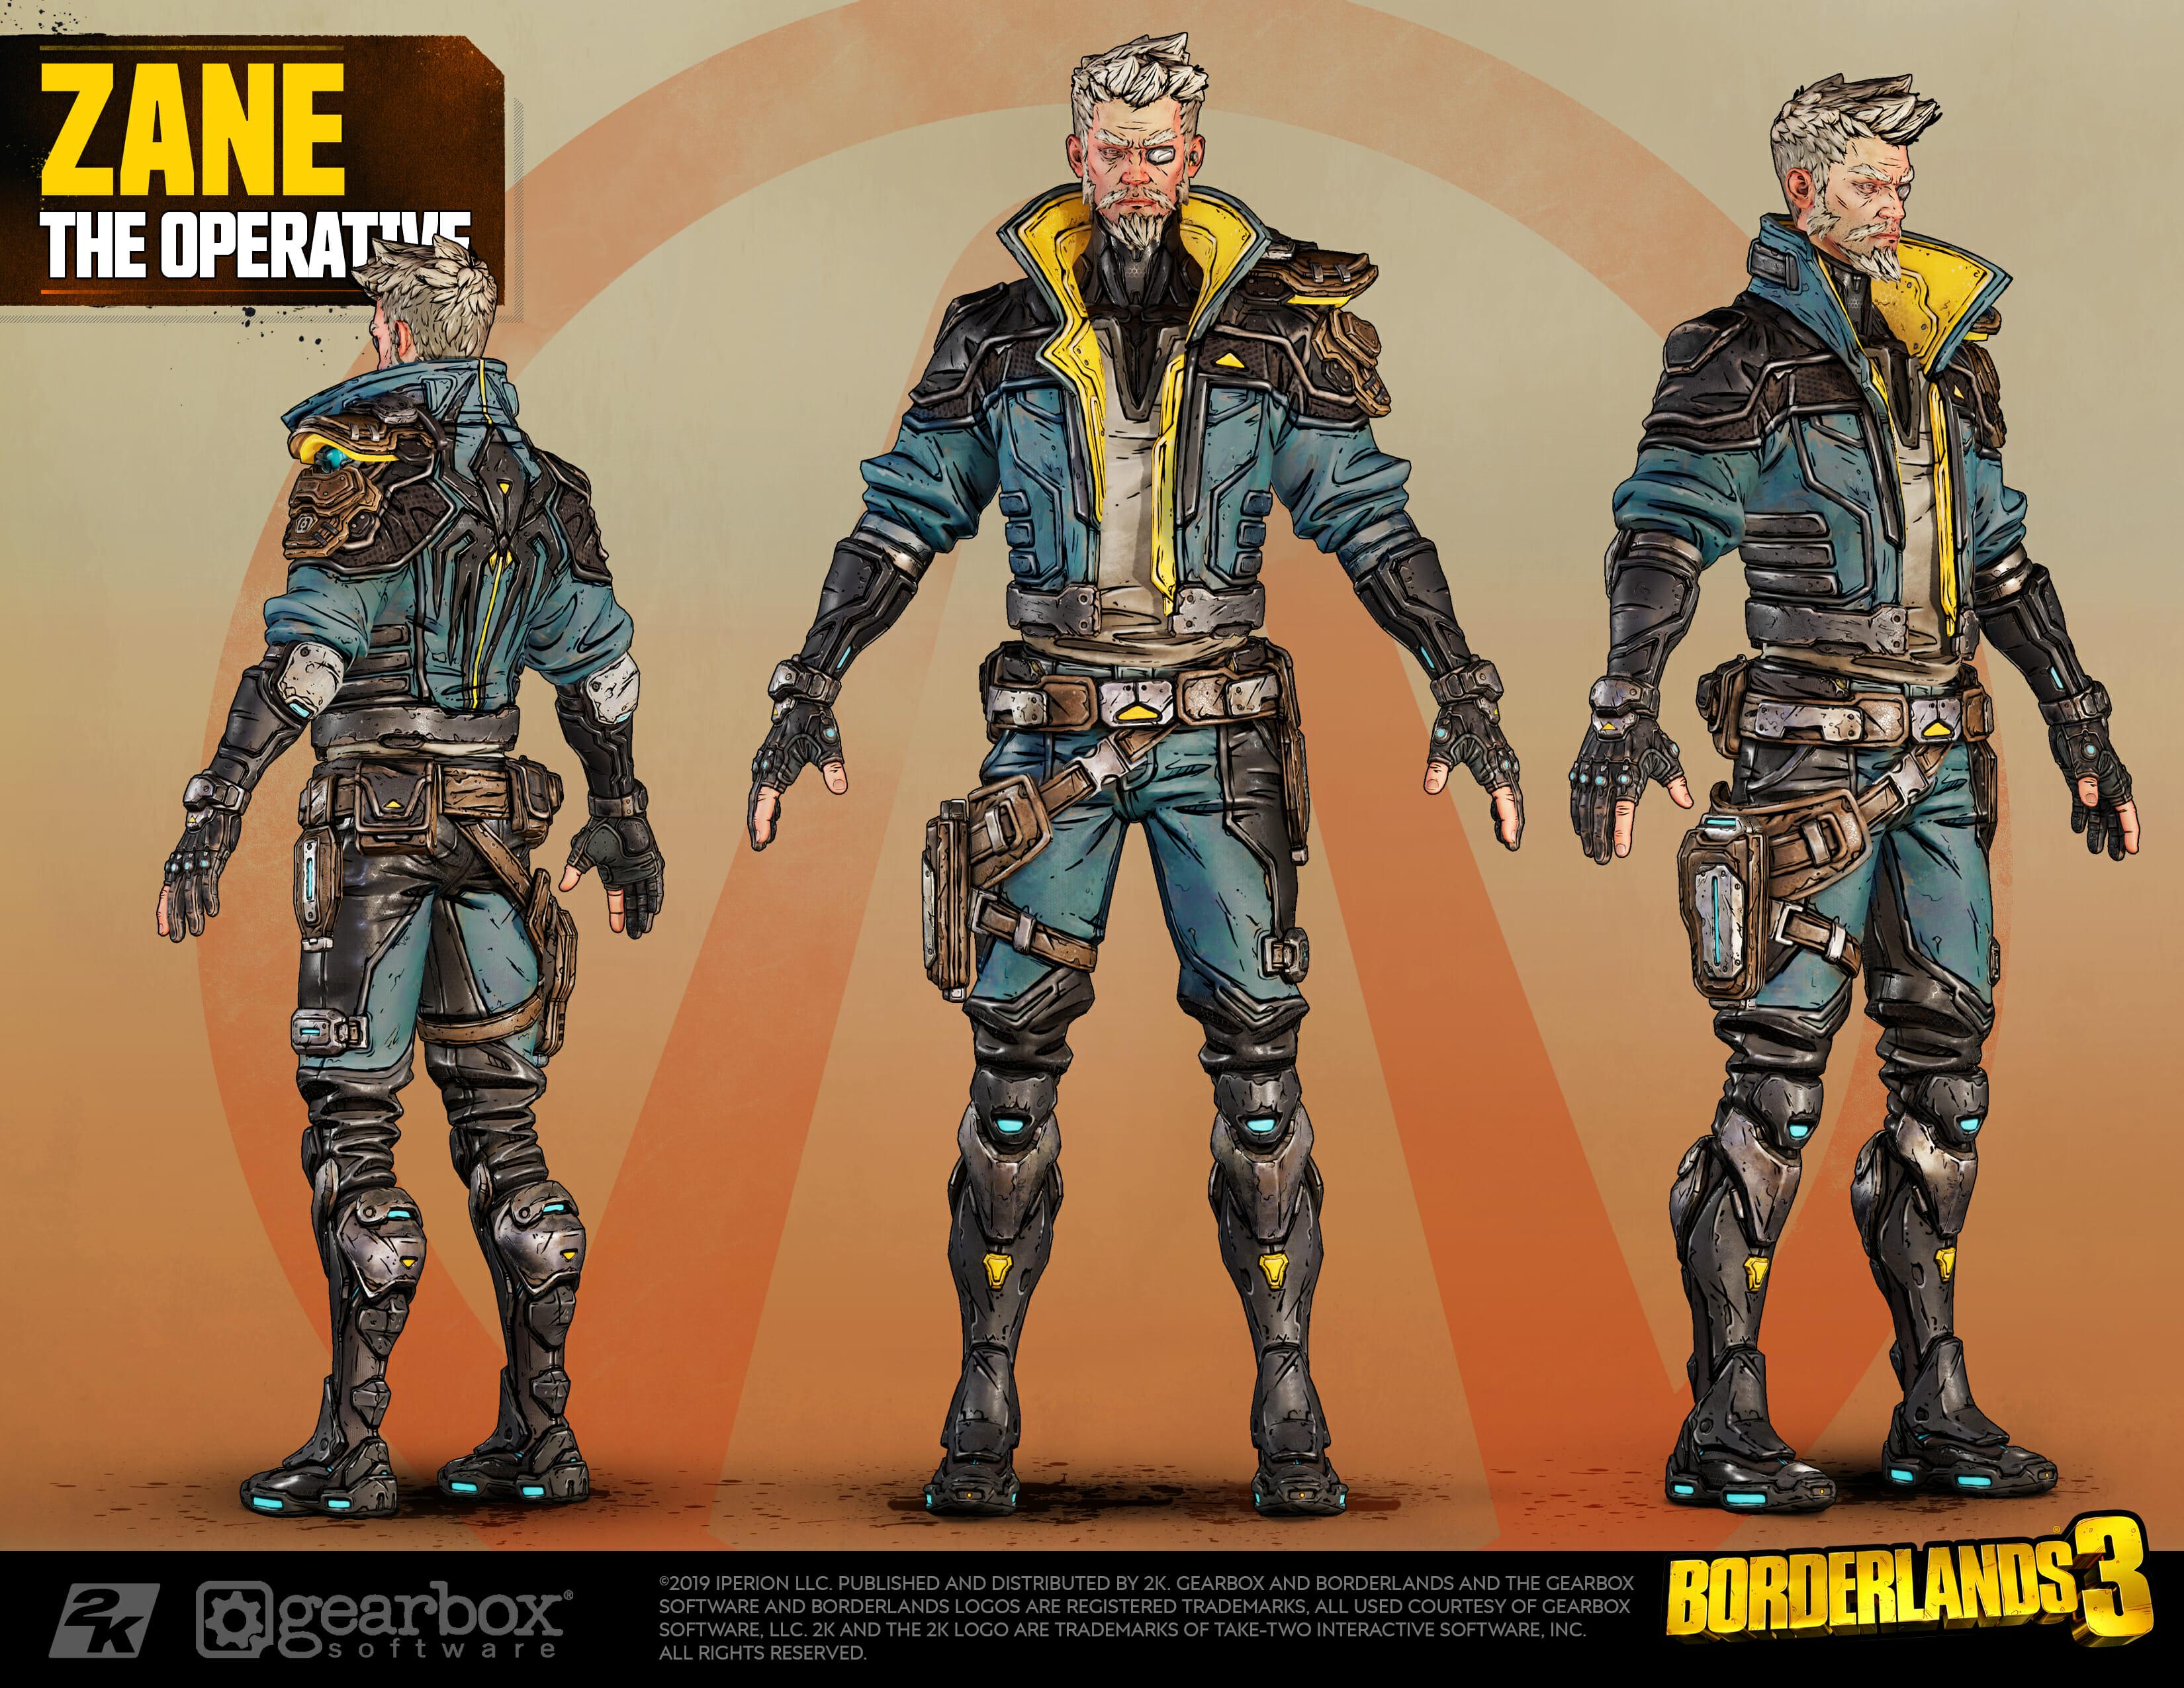 Zane, The Operative, Borderlands 3